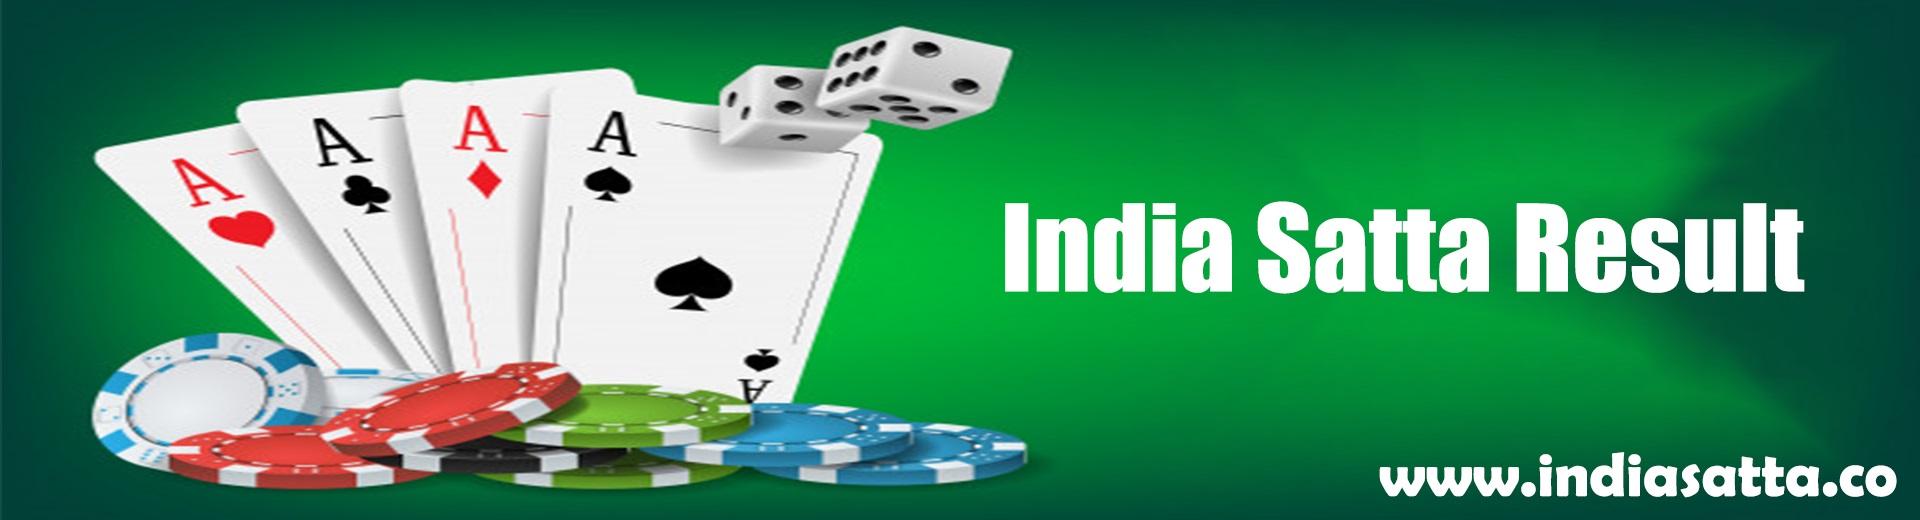 India Satta Result